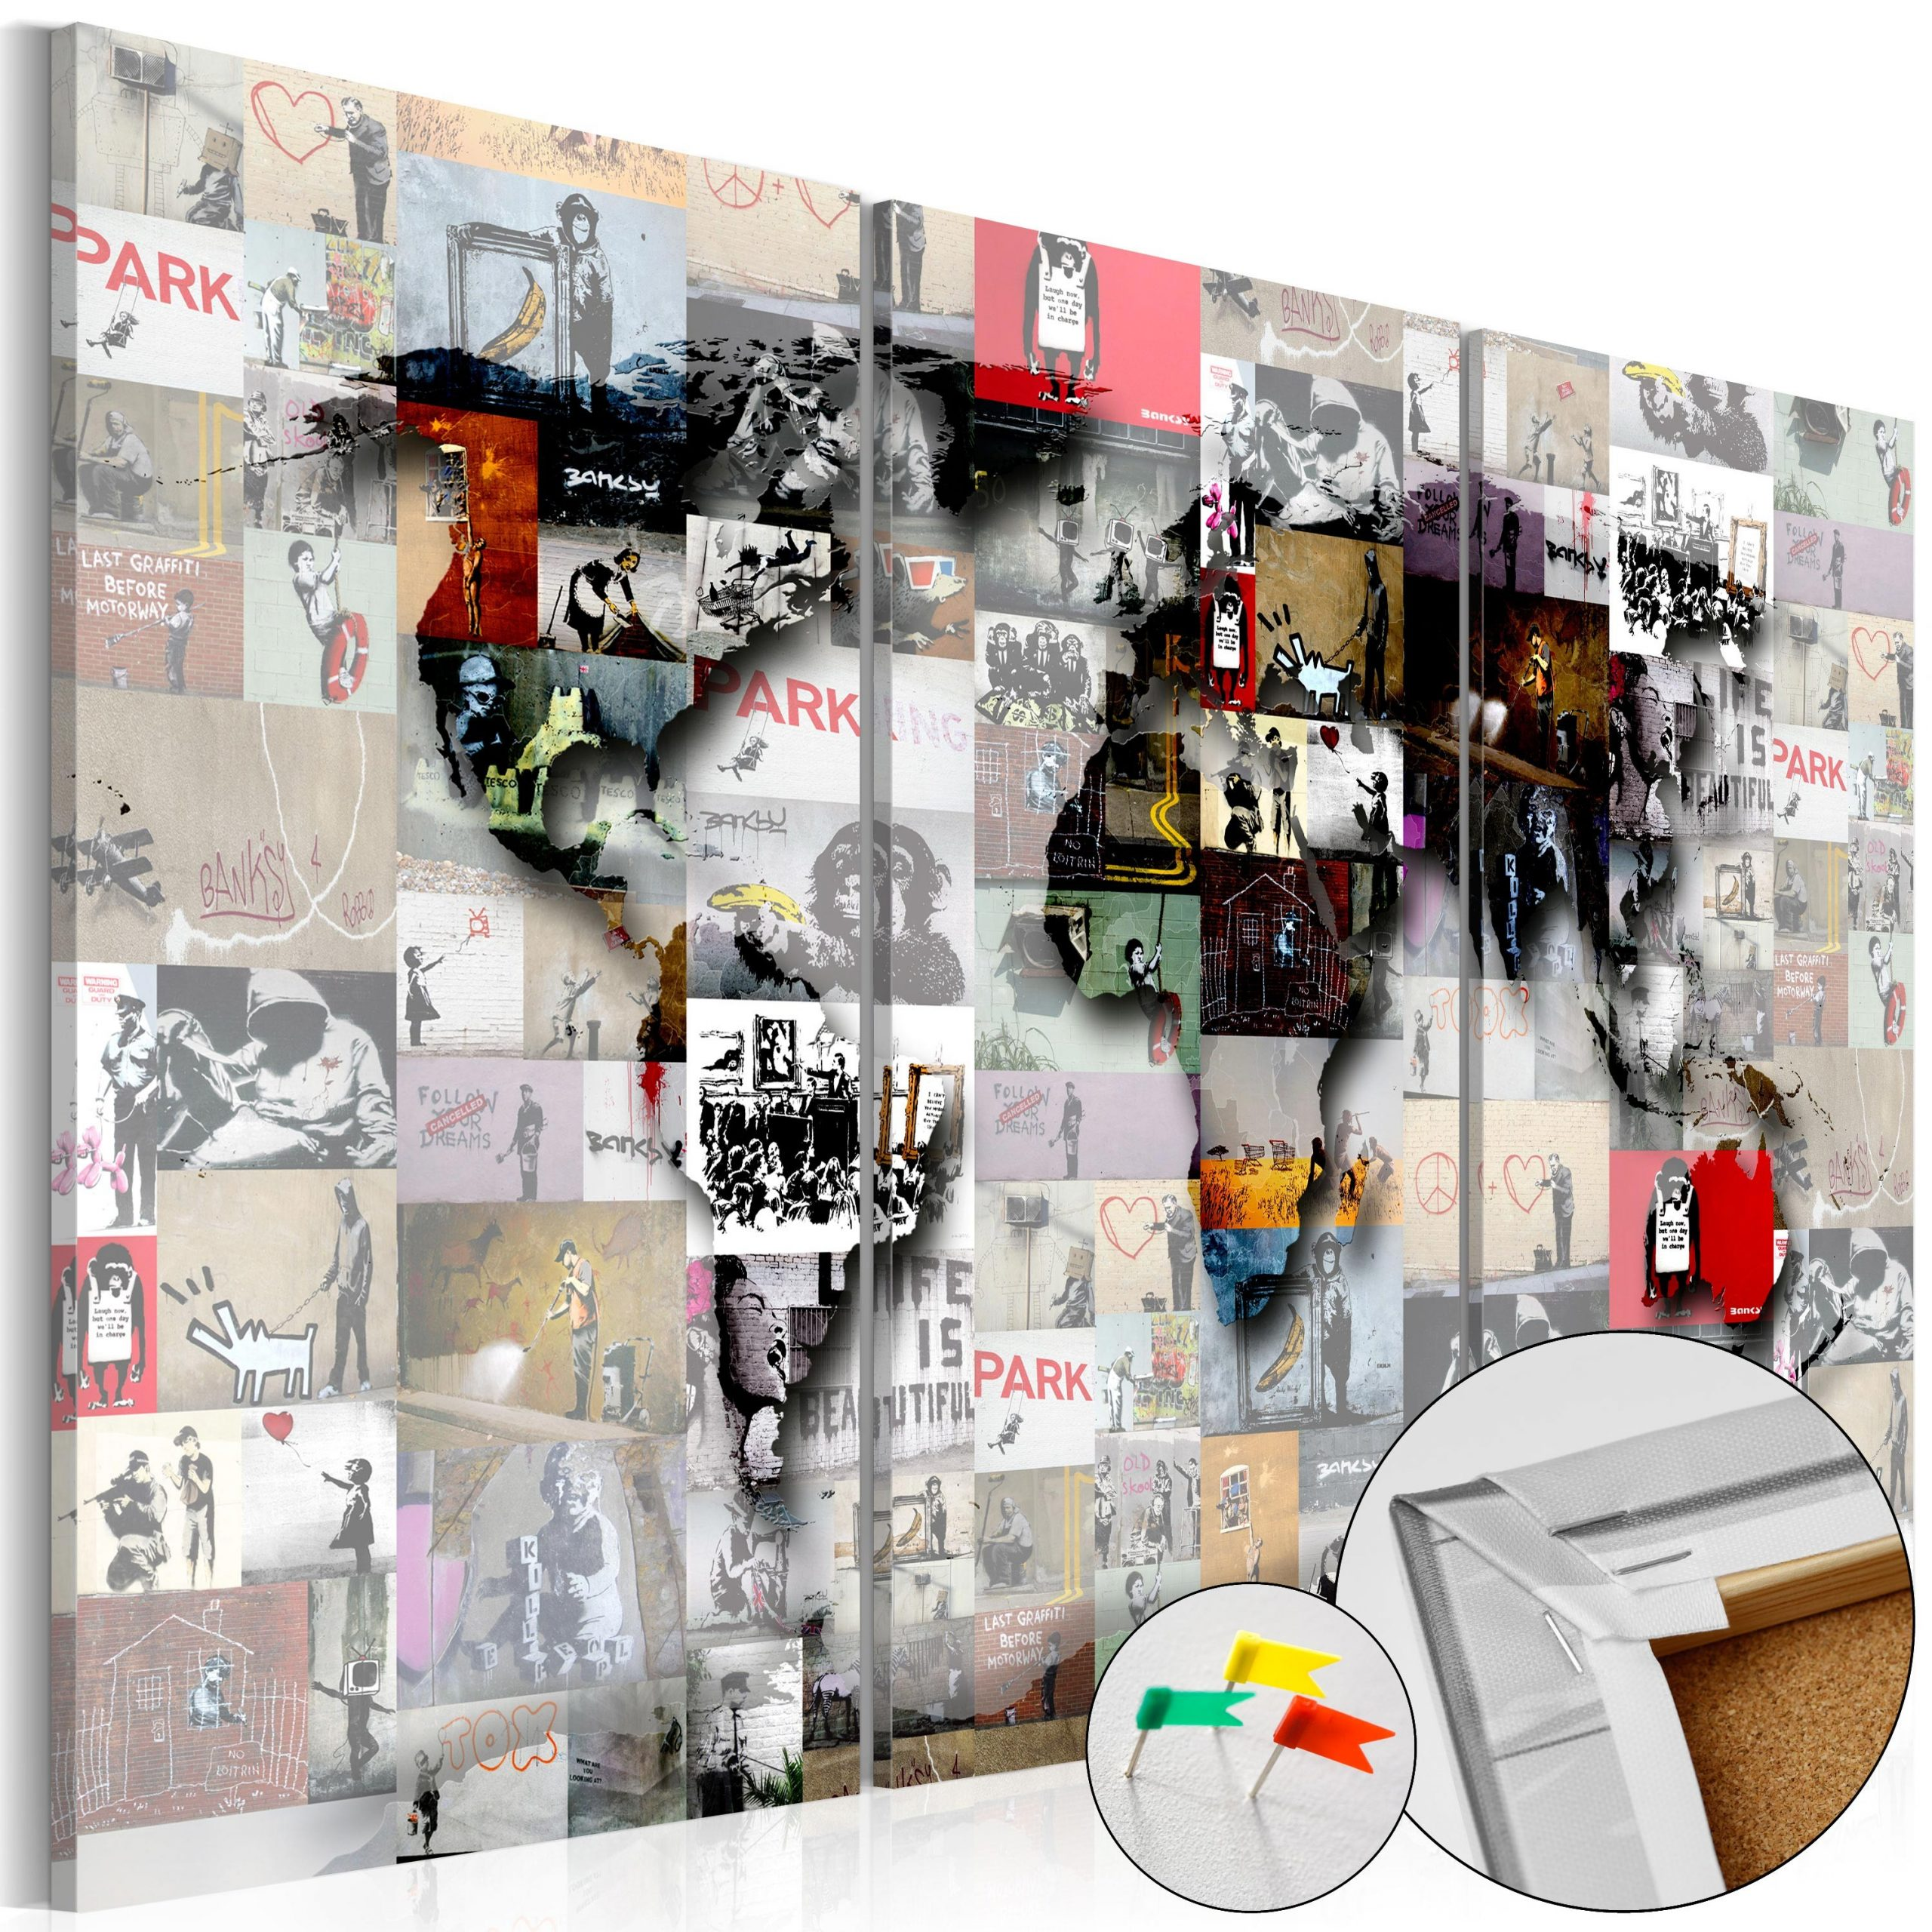 Full Size of Pinnwand Modern Worlds Map Cork Bilder Deckenleuchte Schlafzimmer Modernes Bett 180x200 Esstisch Küche Holz Moderne Esstische Weiss Tapete Design Fürs Wohnzimmer Pinnwand Modern